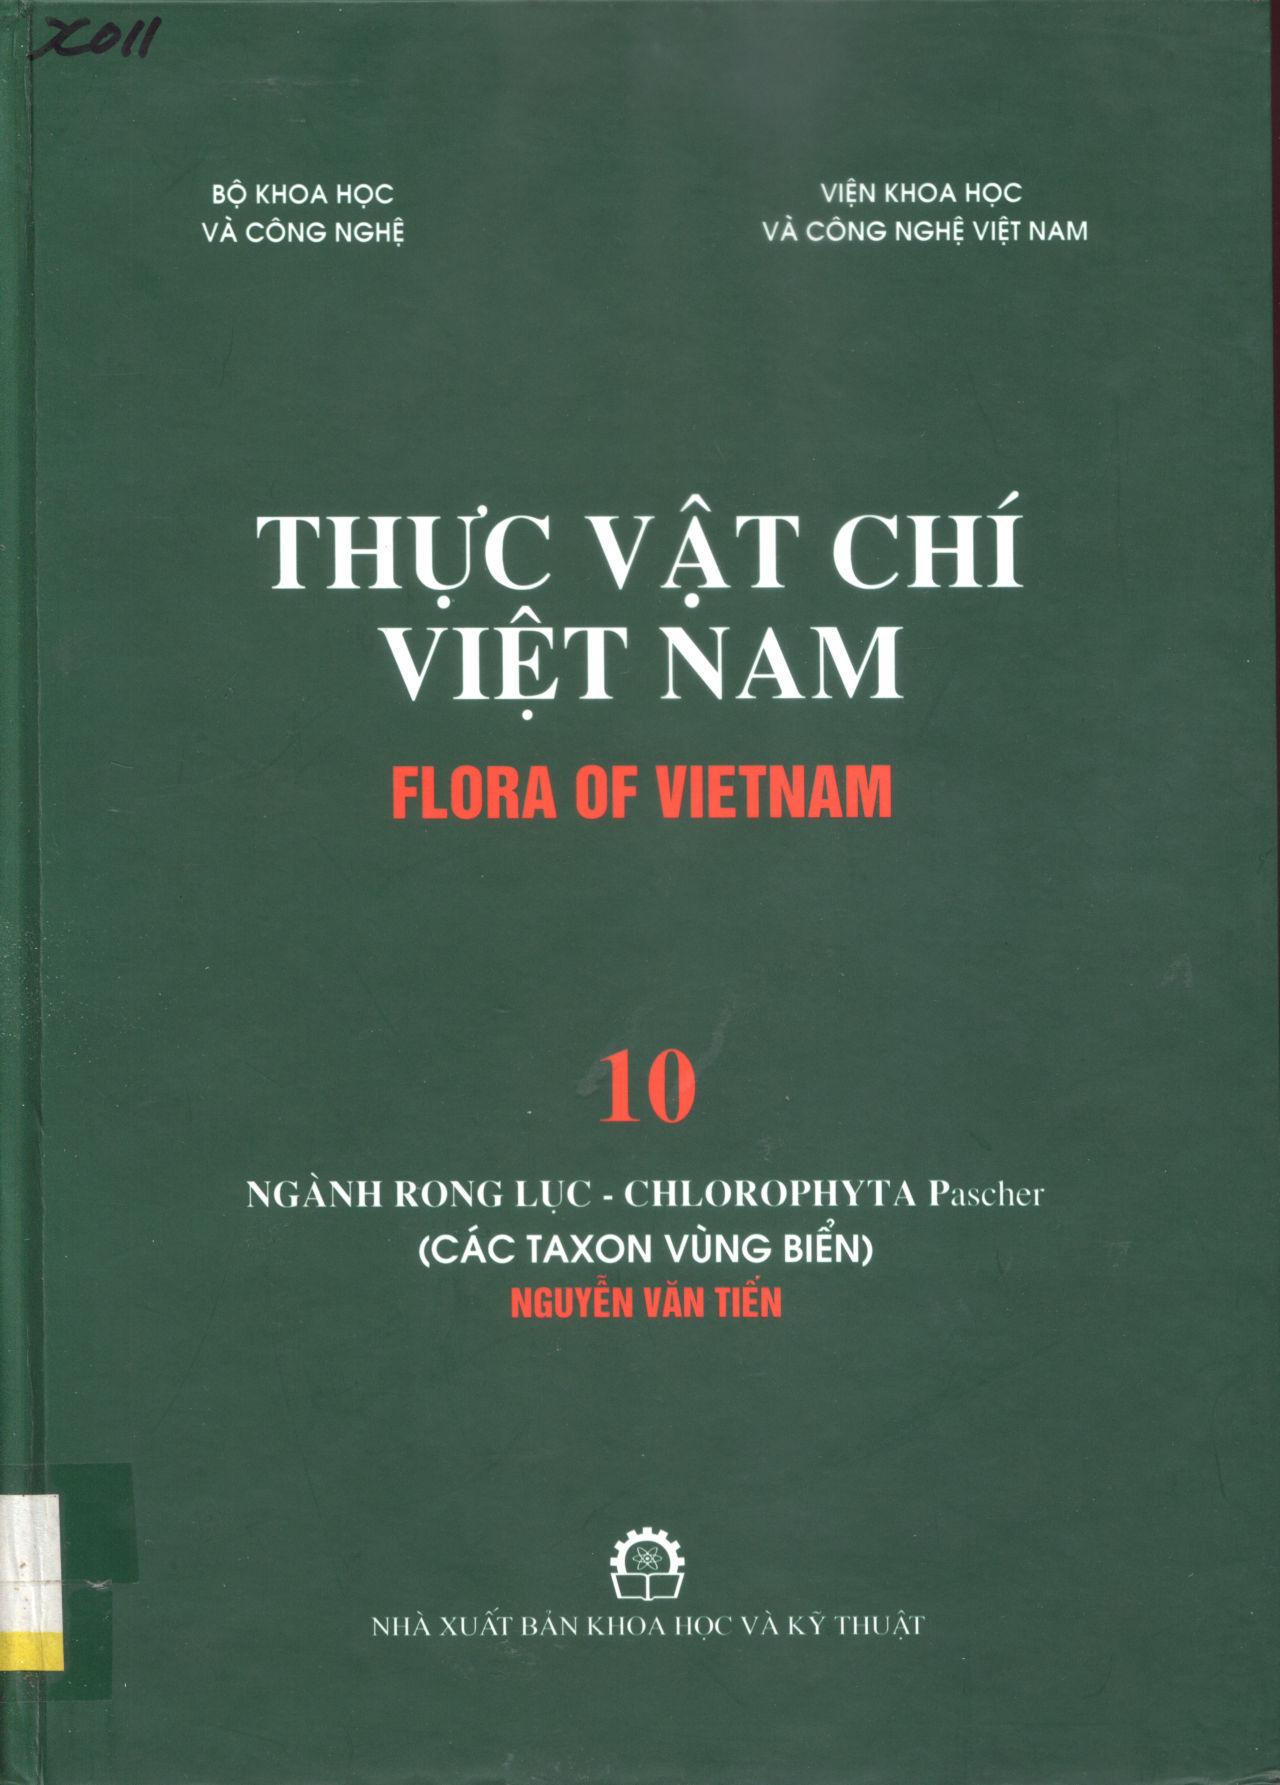 FLORA OF VIETNAM 10